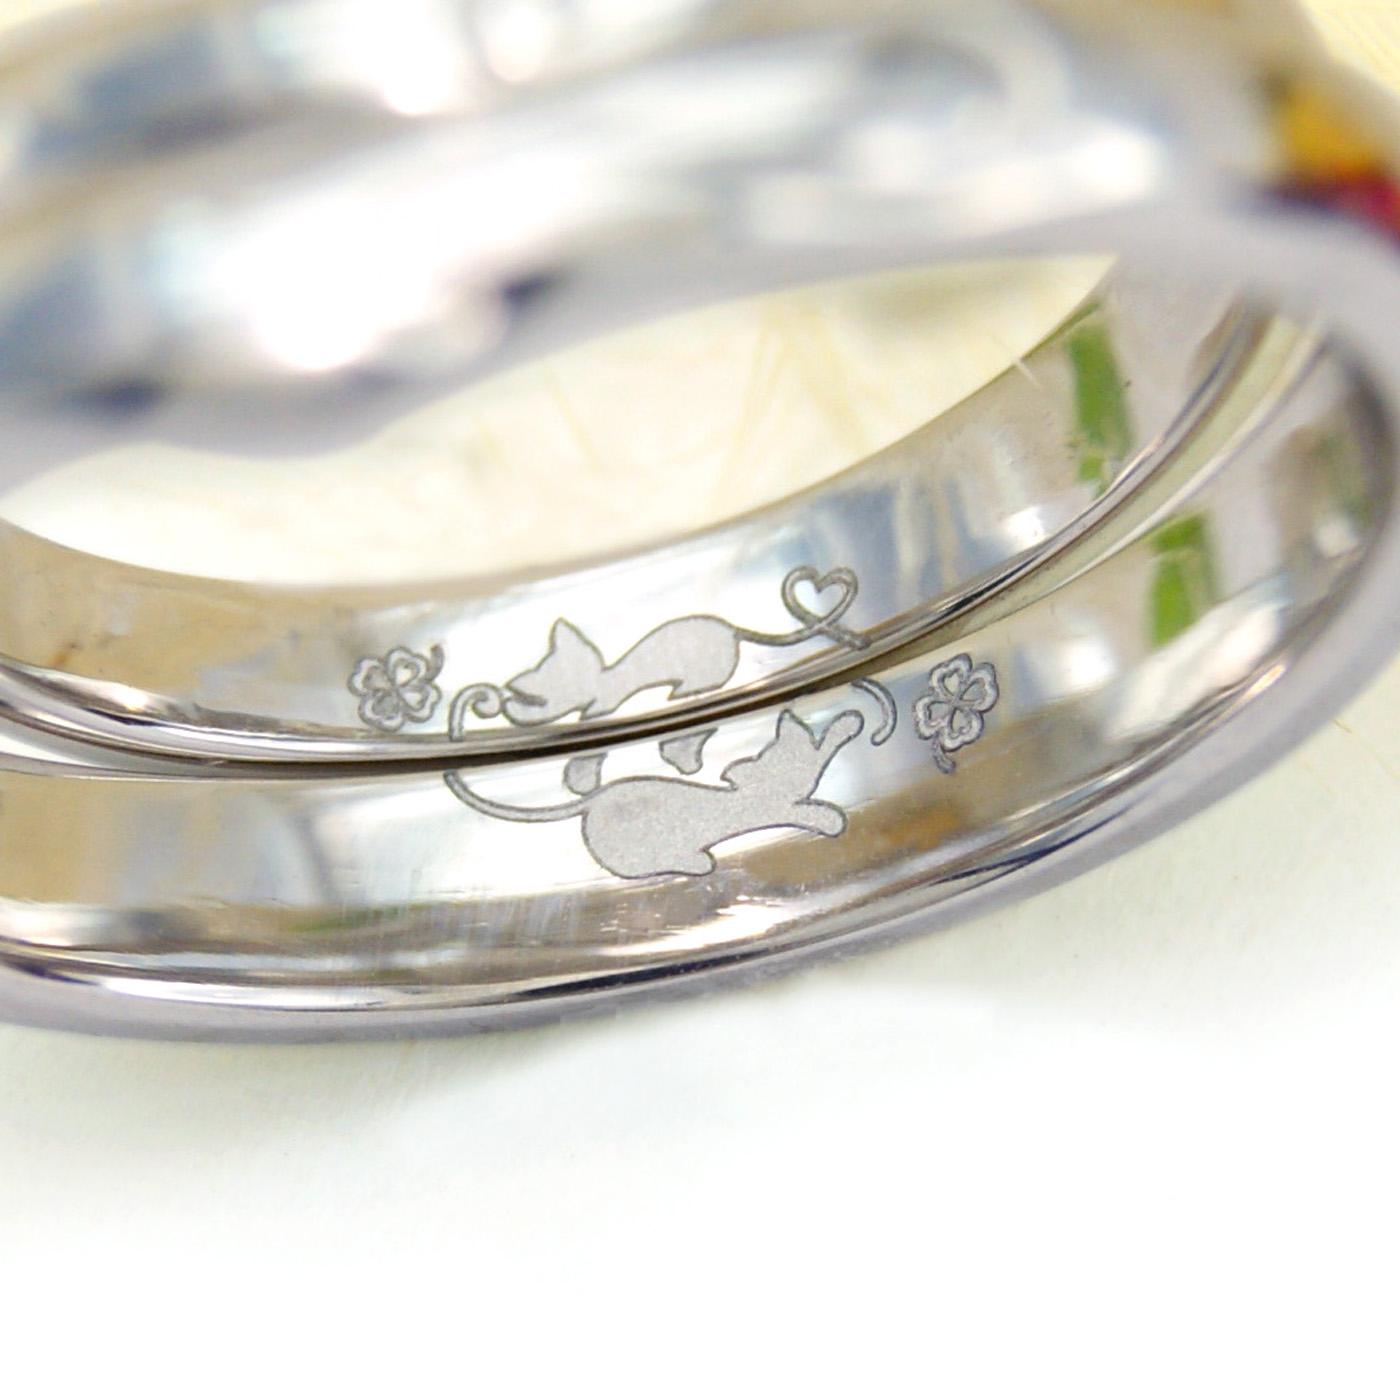 結婚指輪に内側に込めたふたりの秘密